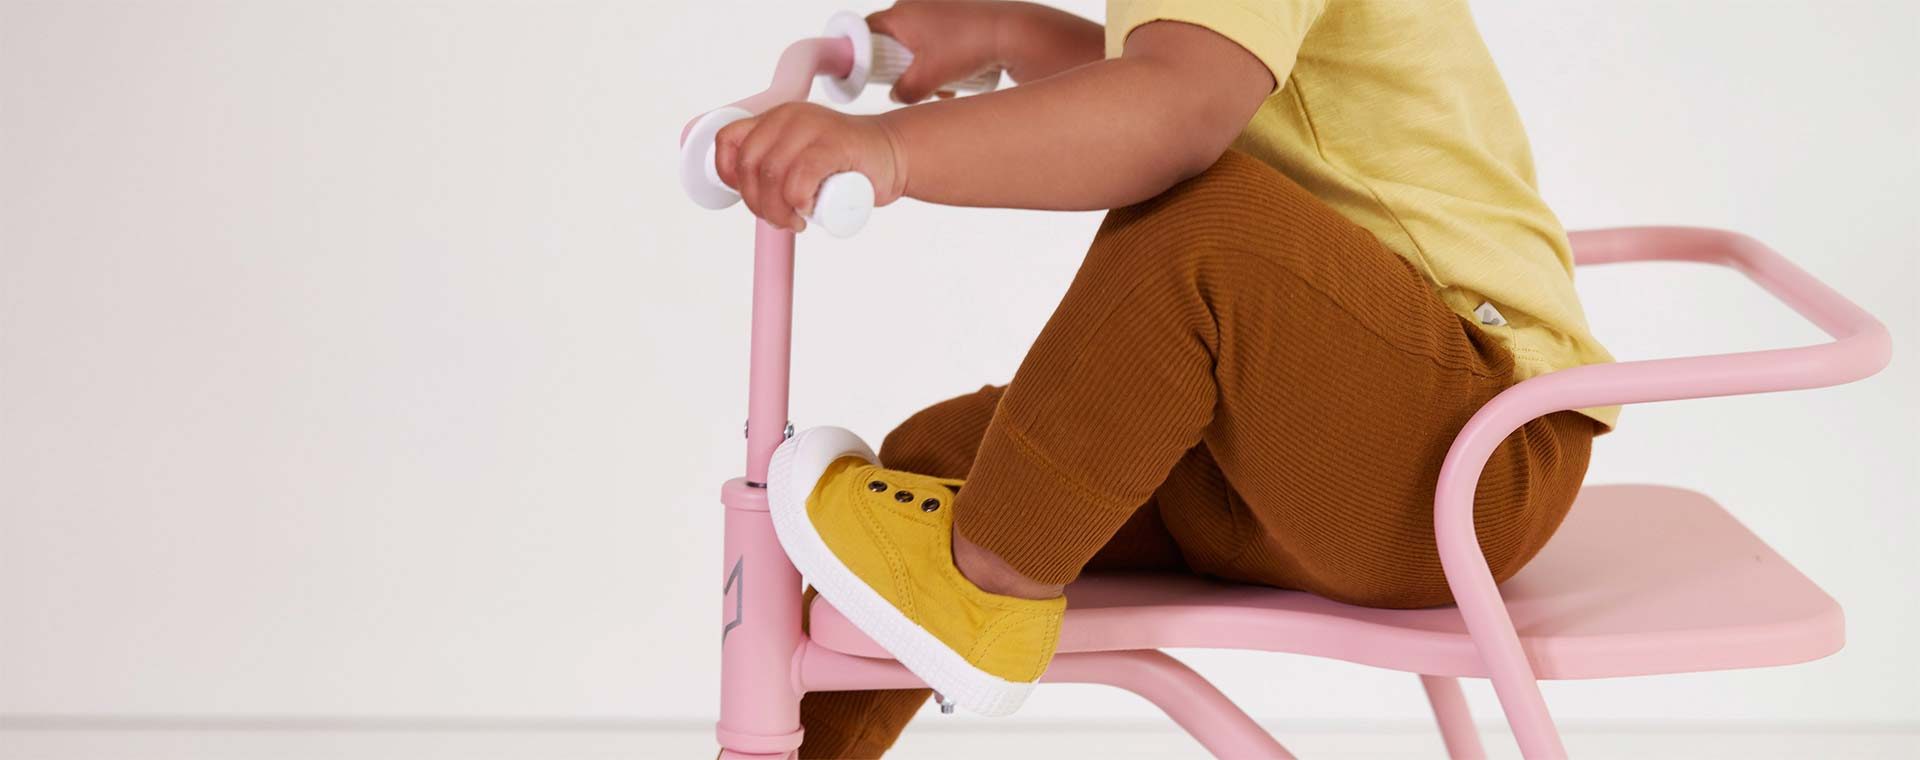 Rubber 25% off KIDLY Label Legging